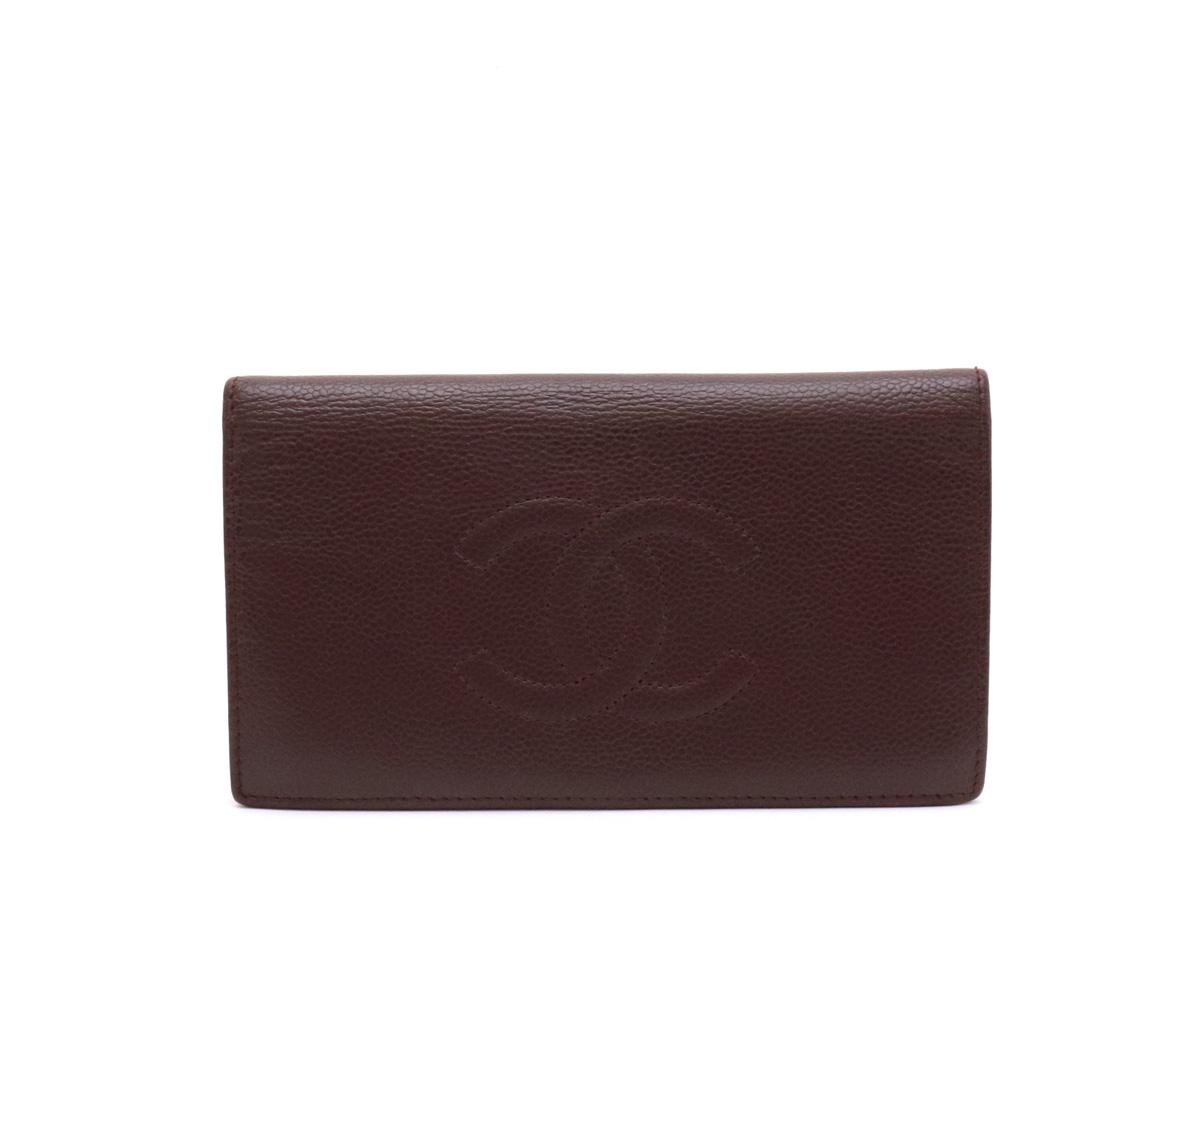 【財布】CHANEL シャネル キャビアスキン ココマーク 2つ折長財布 二つ折り レザー 茶 ダークブラウン A48651 【中古】